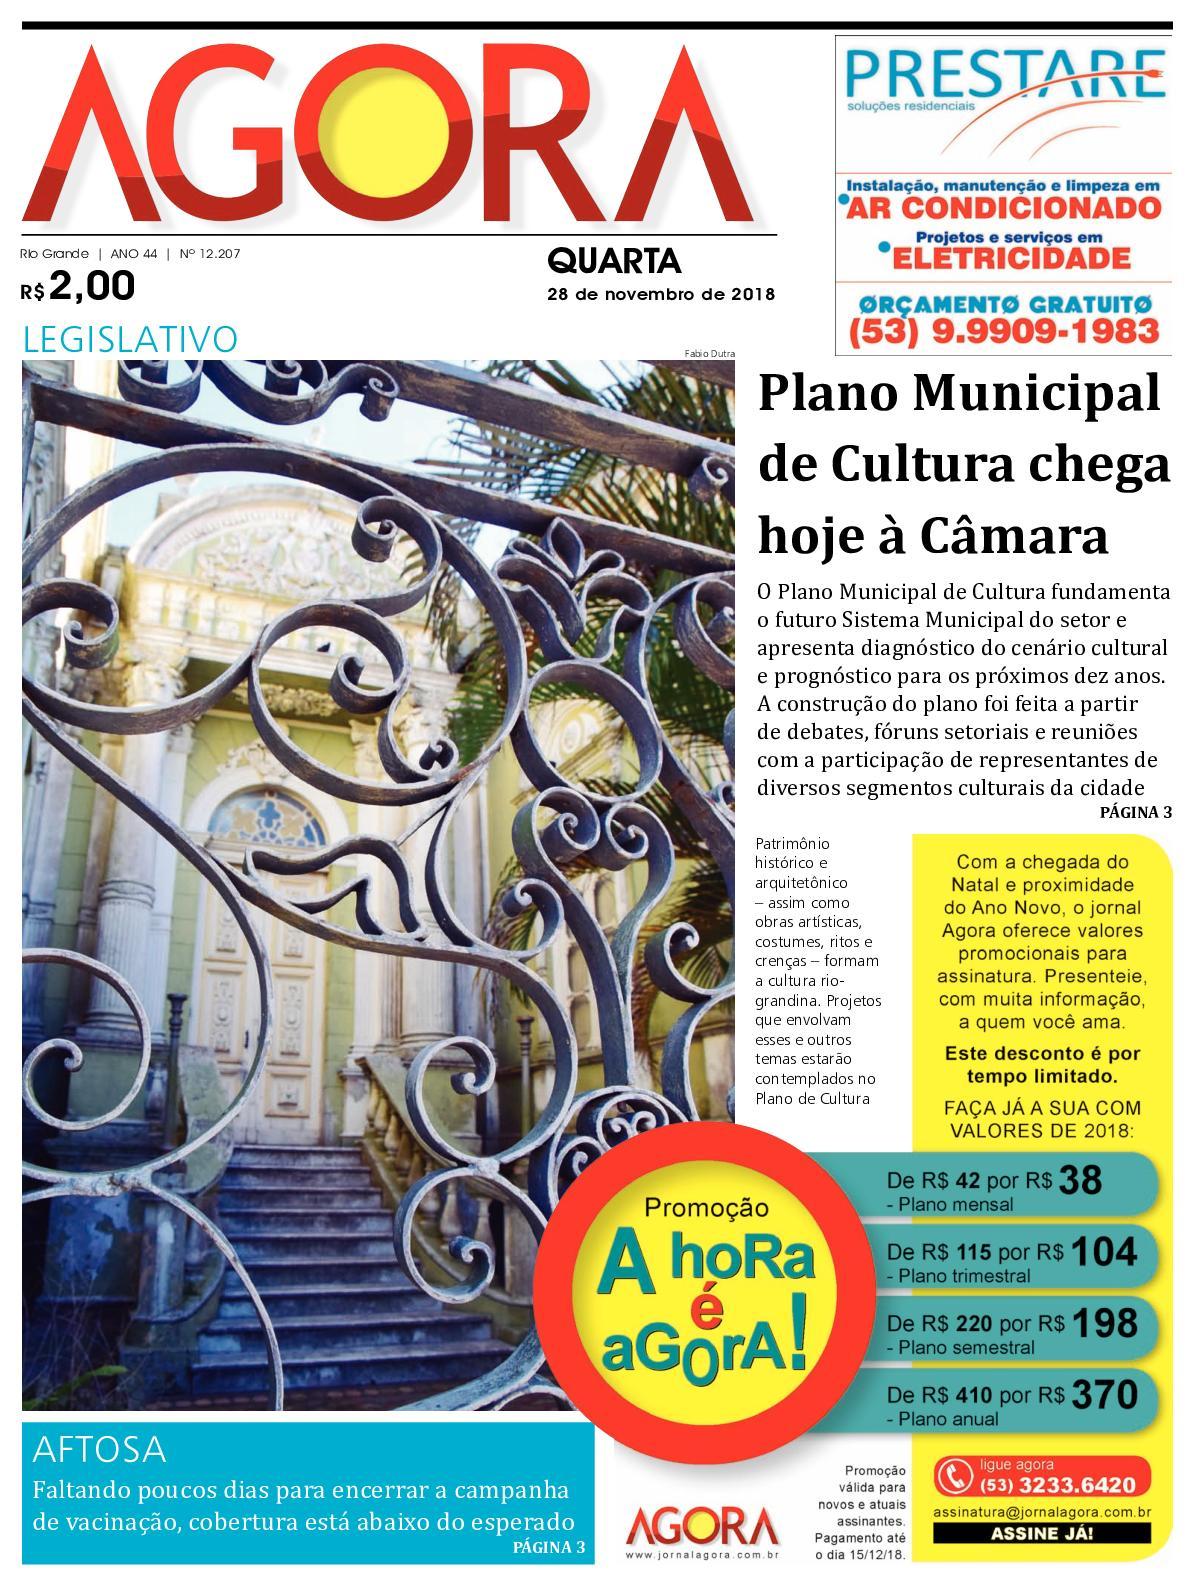 Calaméo - Jornal Agora - Edição 12207 - 28 de Novembro de 2018 c520ba6d55